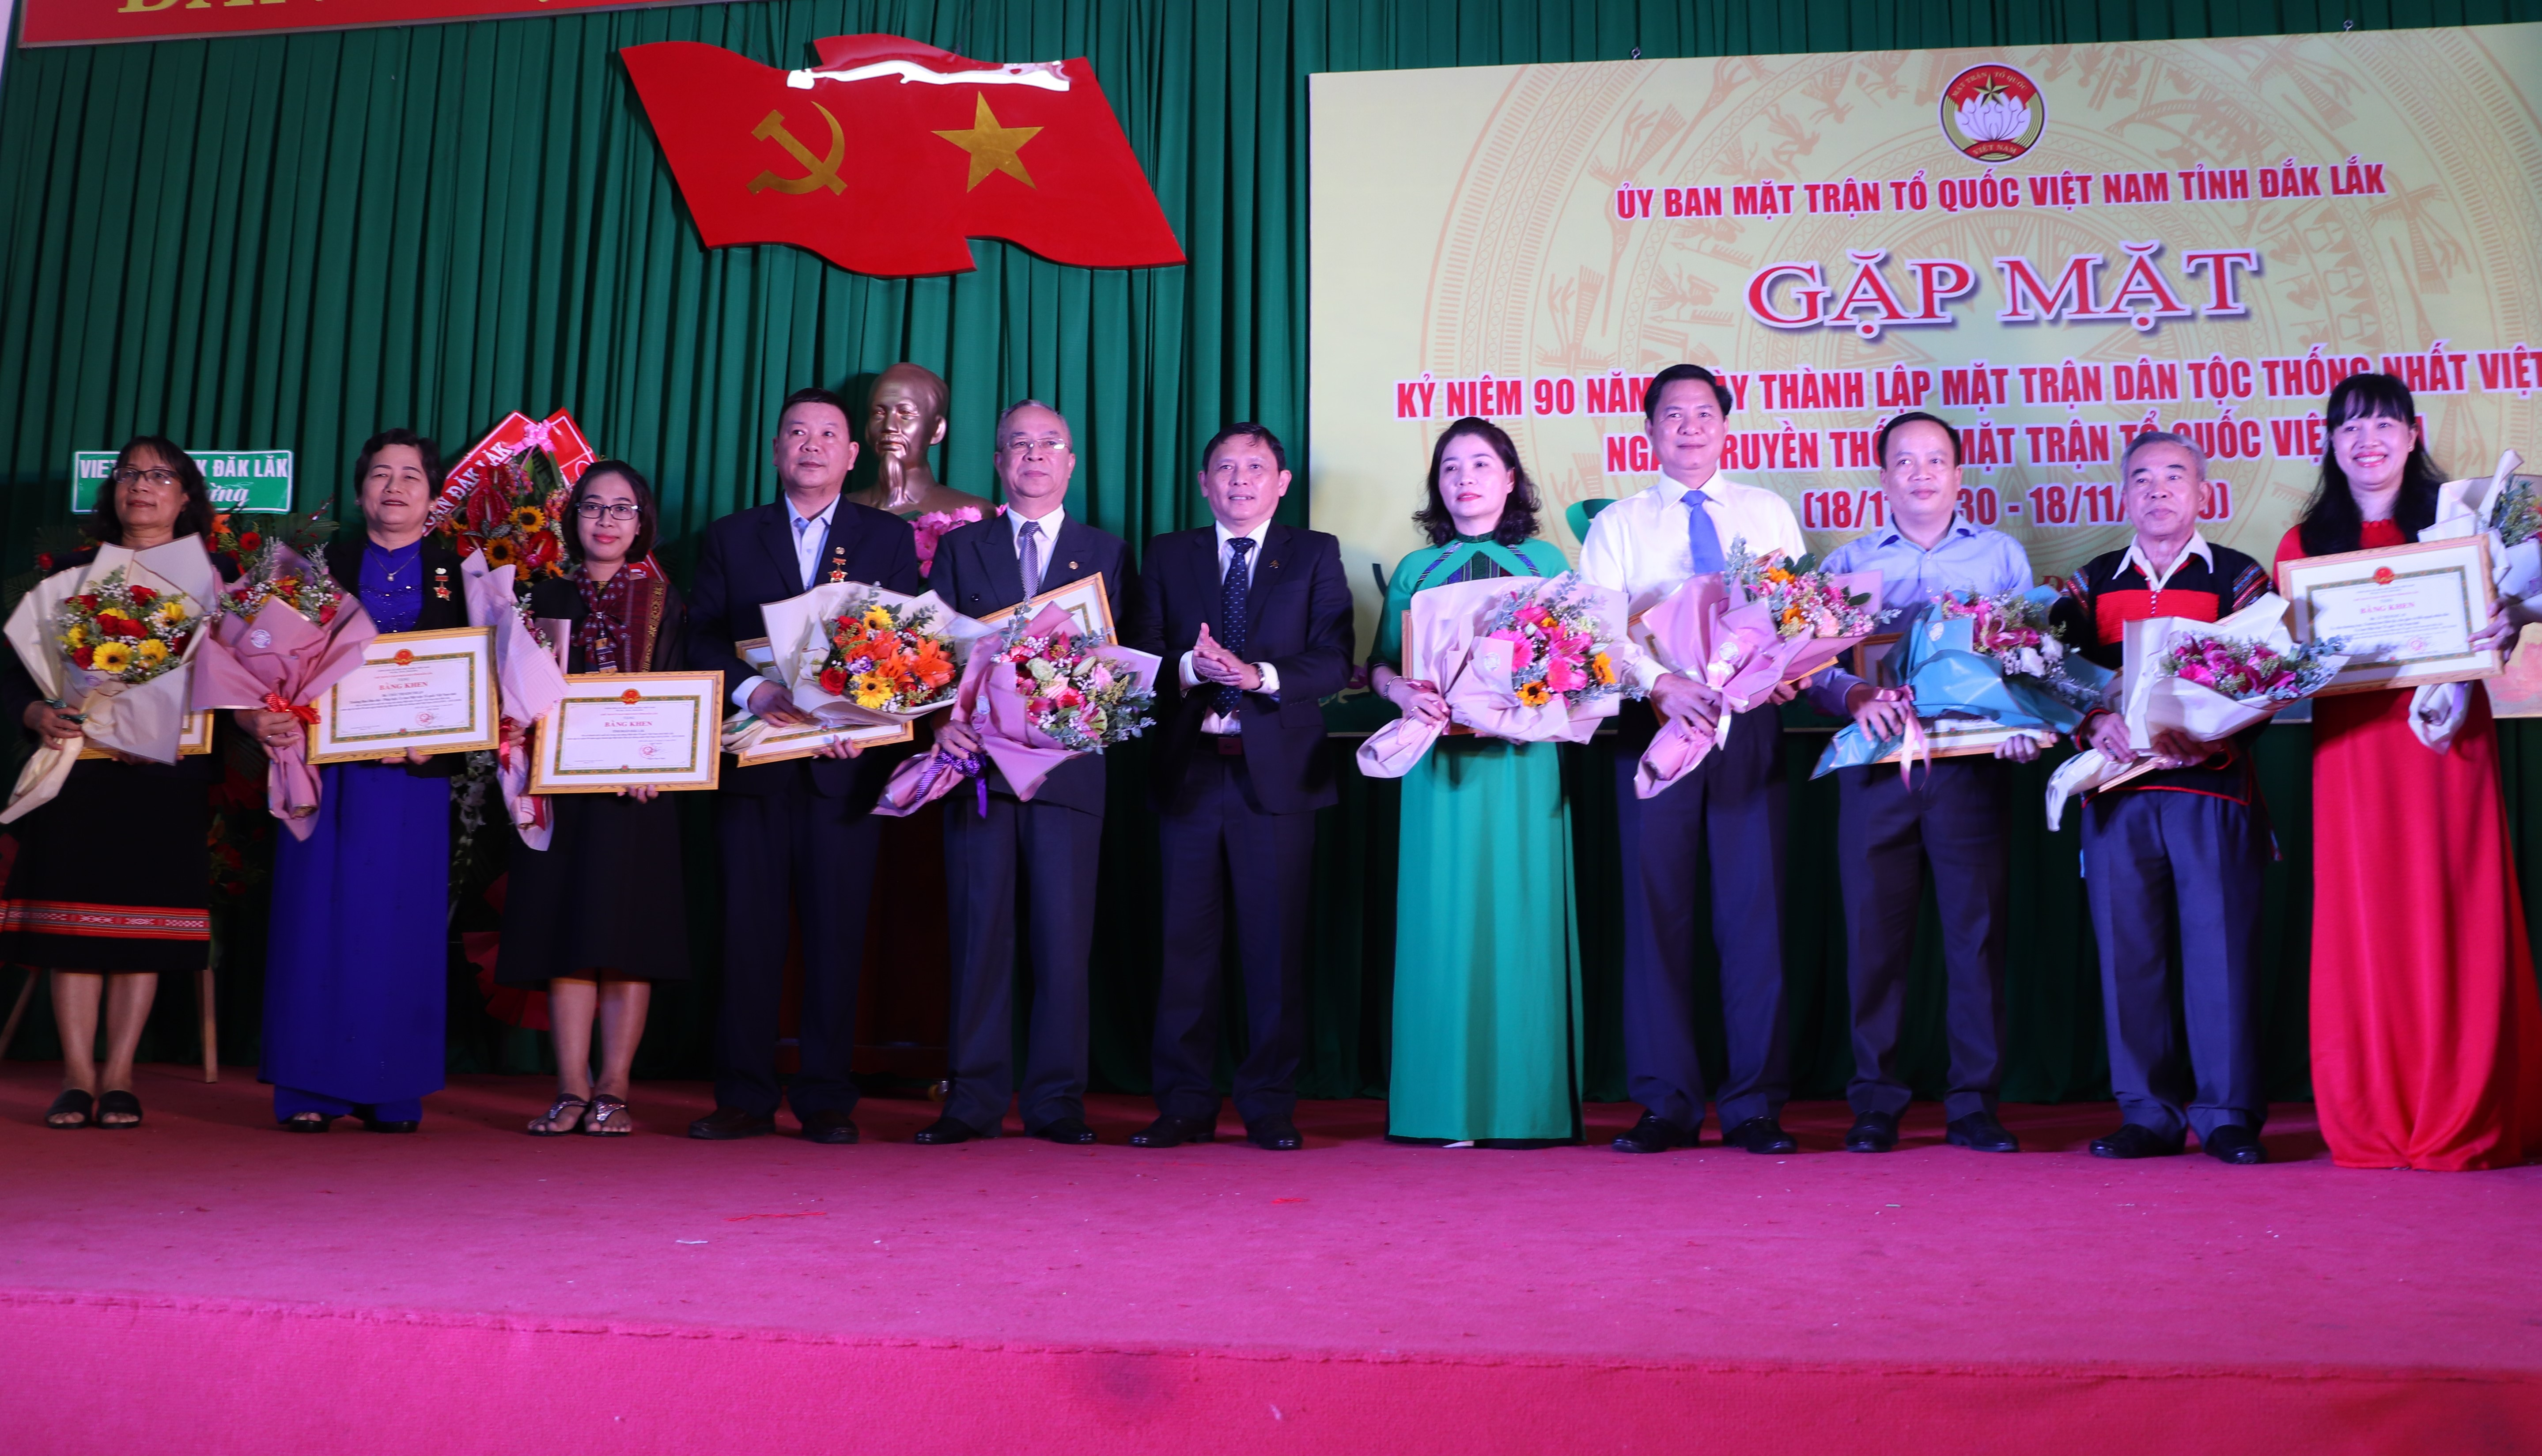 Khen thưởng cho các tập thể, cá nhân có thành tích xuất sắc trong sự nghiệp xây dựng khối đại đoàn kết toàn dân tộc.